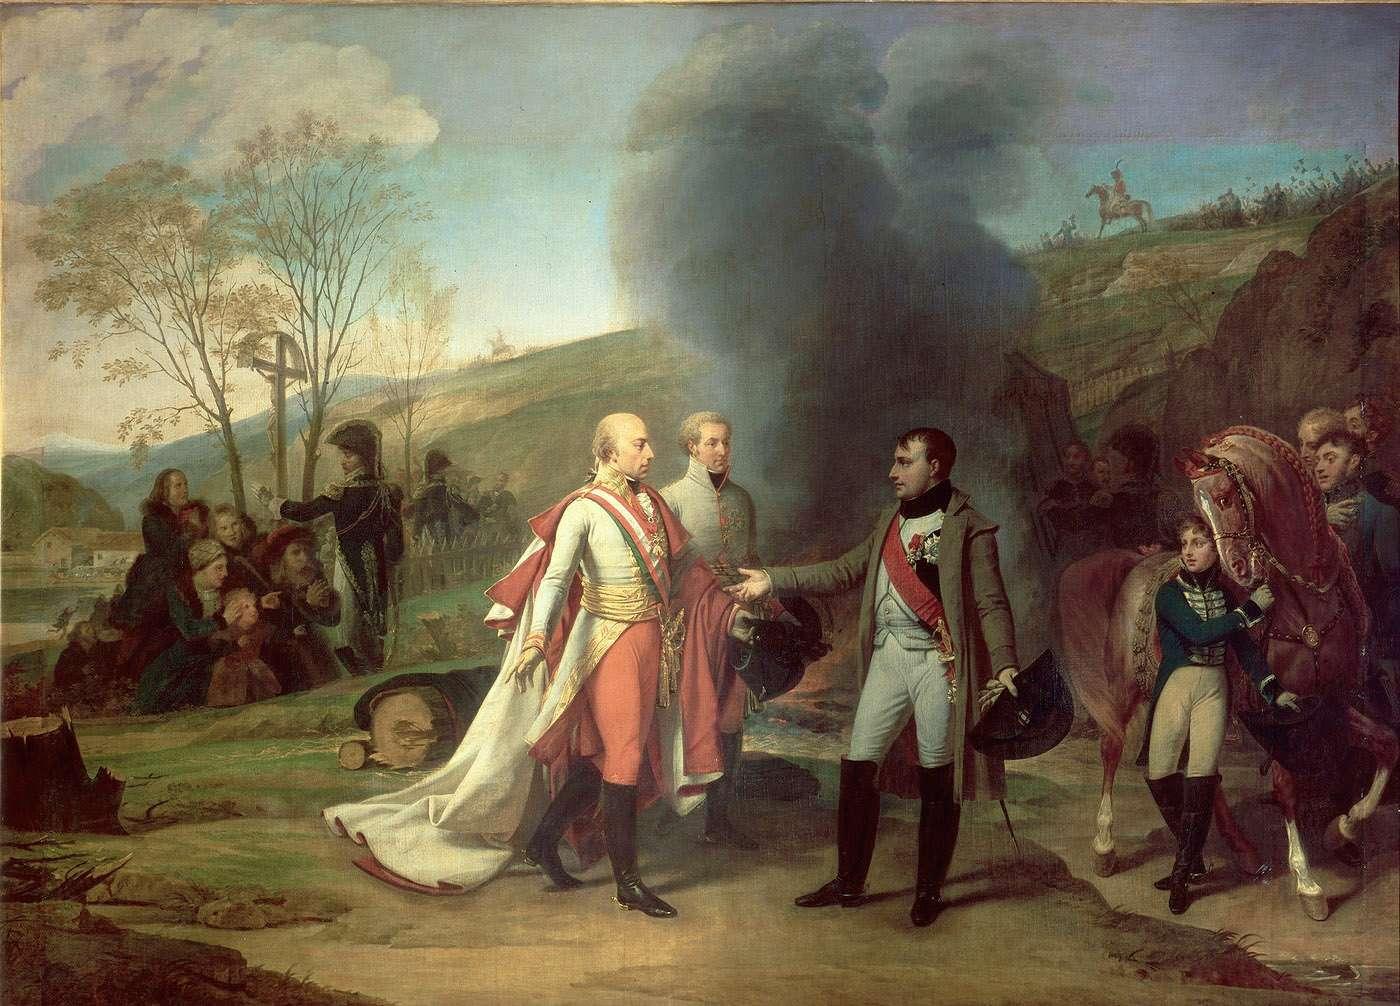 Картина 1812 года с изображением побеждённого австрийского императора Франца 2 и Наполеона после битвы под Аустерлицем в 1805 году. На заднем плане люди с непрывычной внешностью, как для европейцев того времени, просят о пощаде.